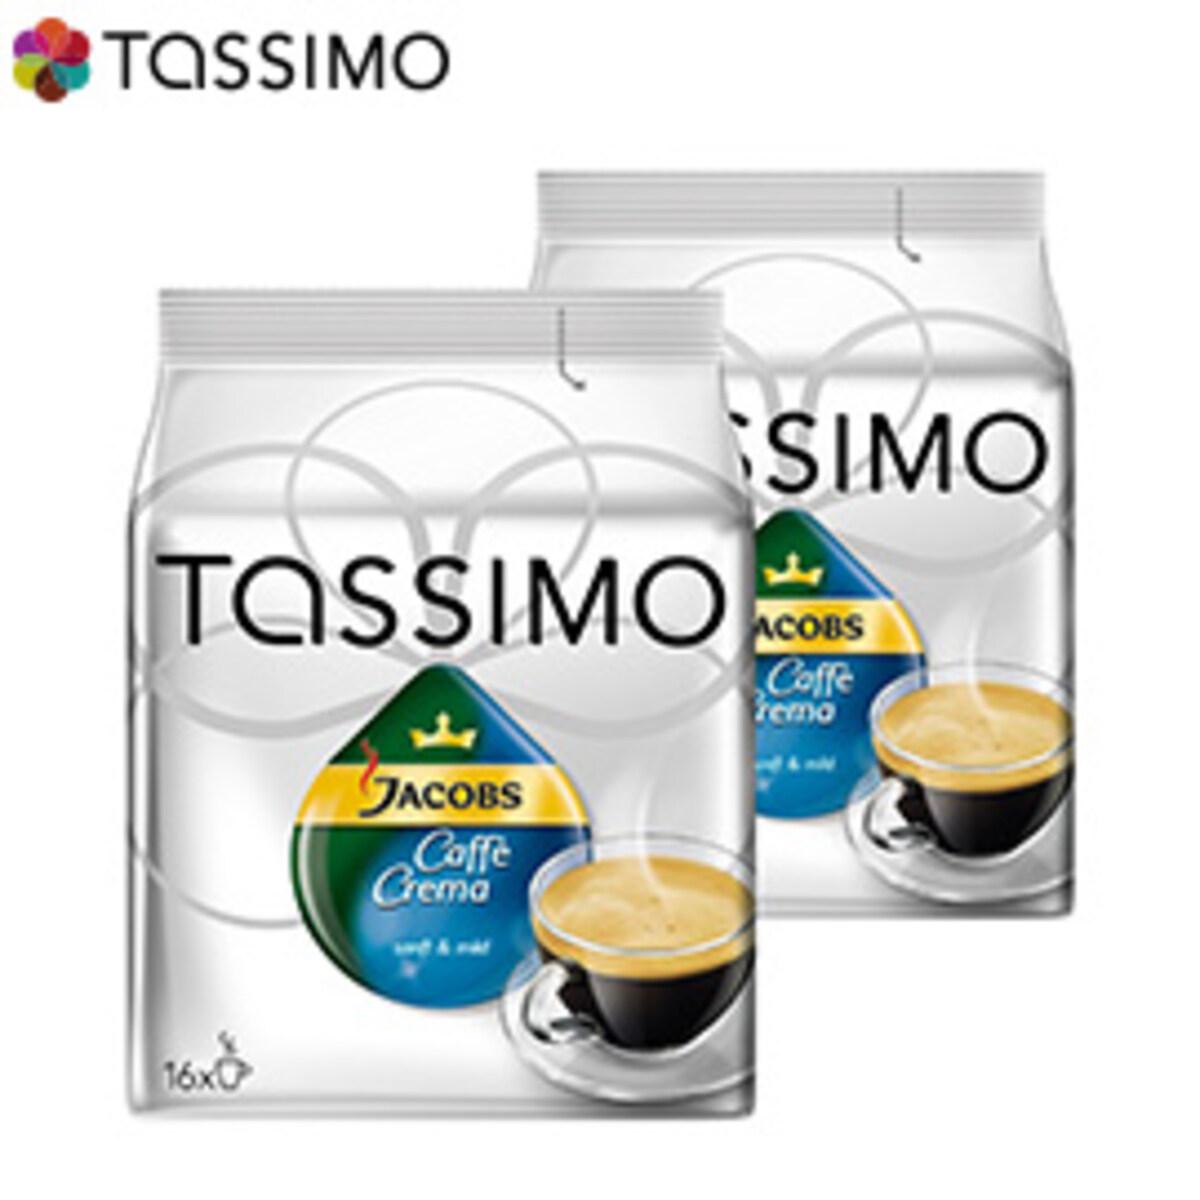 Tassimo Jacobs Caffe Crema Velvety & Mild